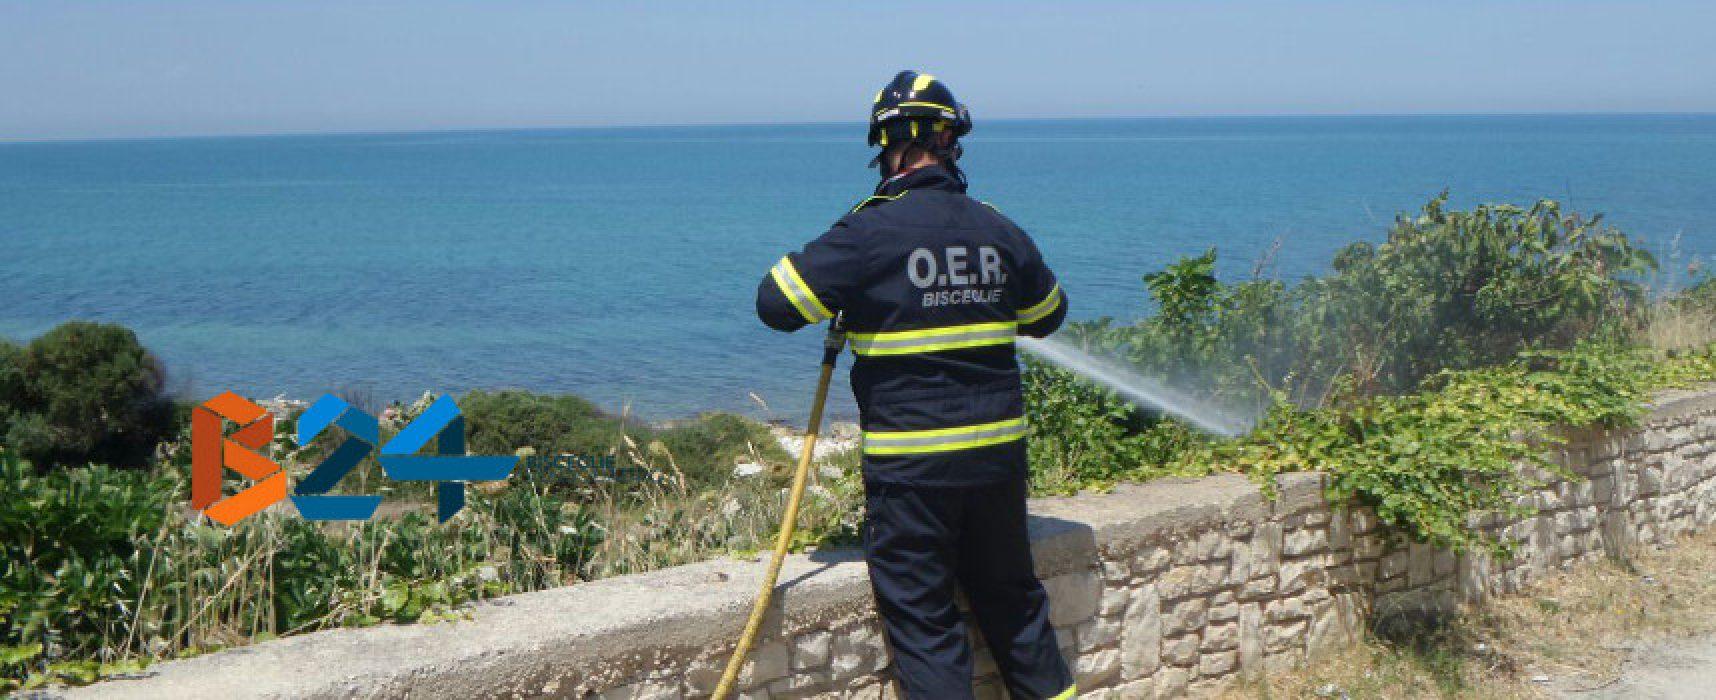 """Incendio di sterpaglie alla spiaggia """"La Torretta"""", interviene l'Oer"""